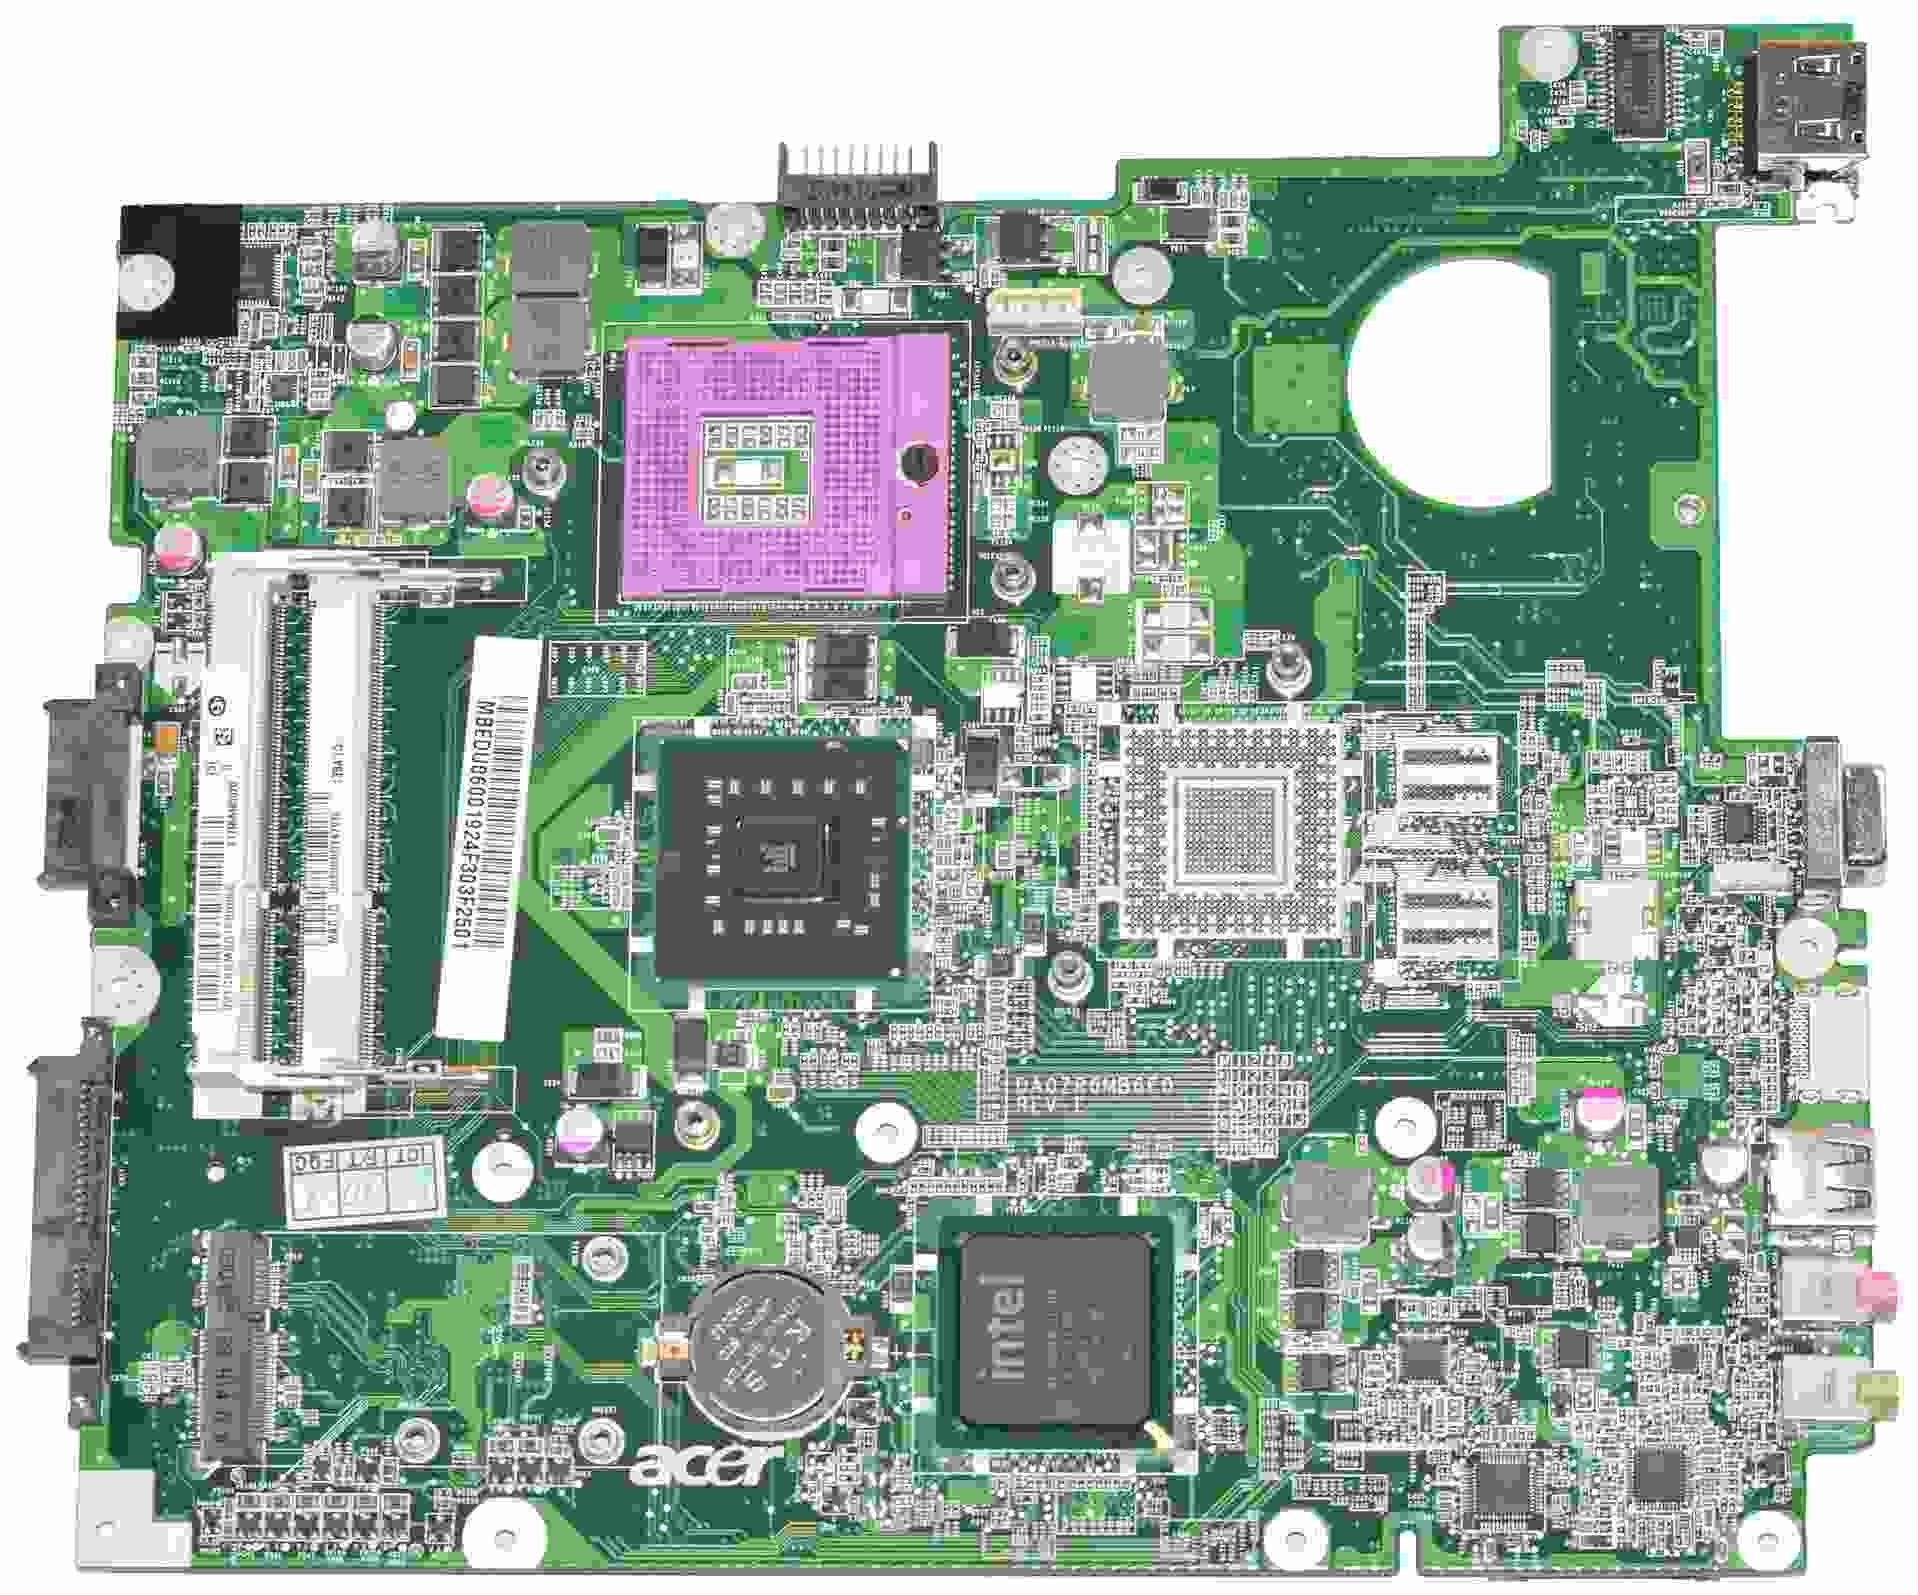 ACER EXTENSA 5420G CPU DRIVER FOR WINDOWS 7